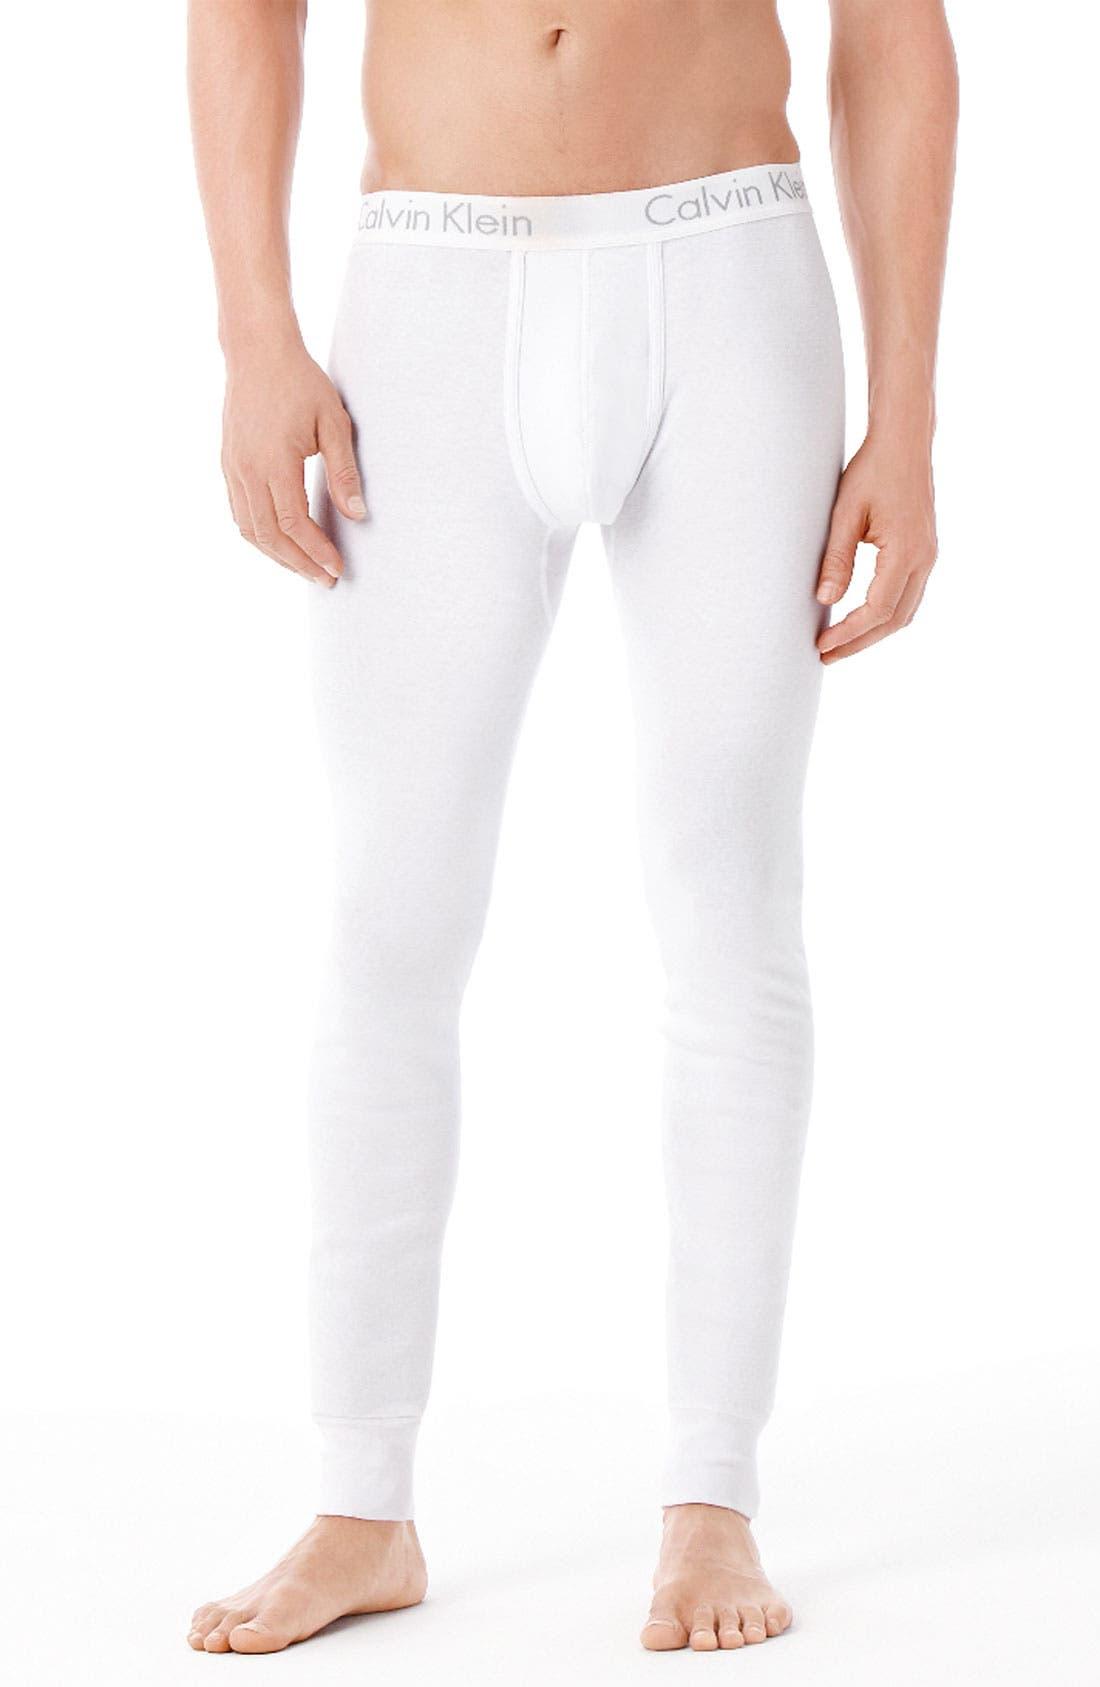 Main Image - Calvin Klein 'U1706' Cotton Long Underwear